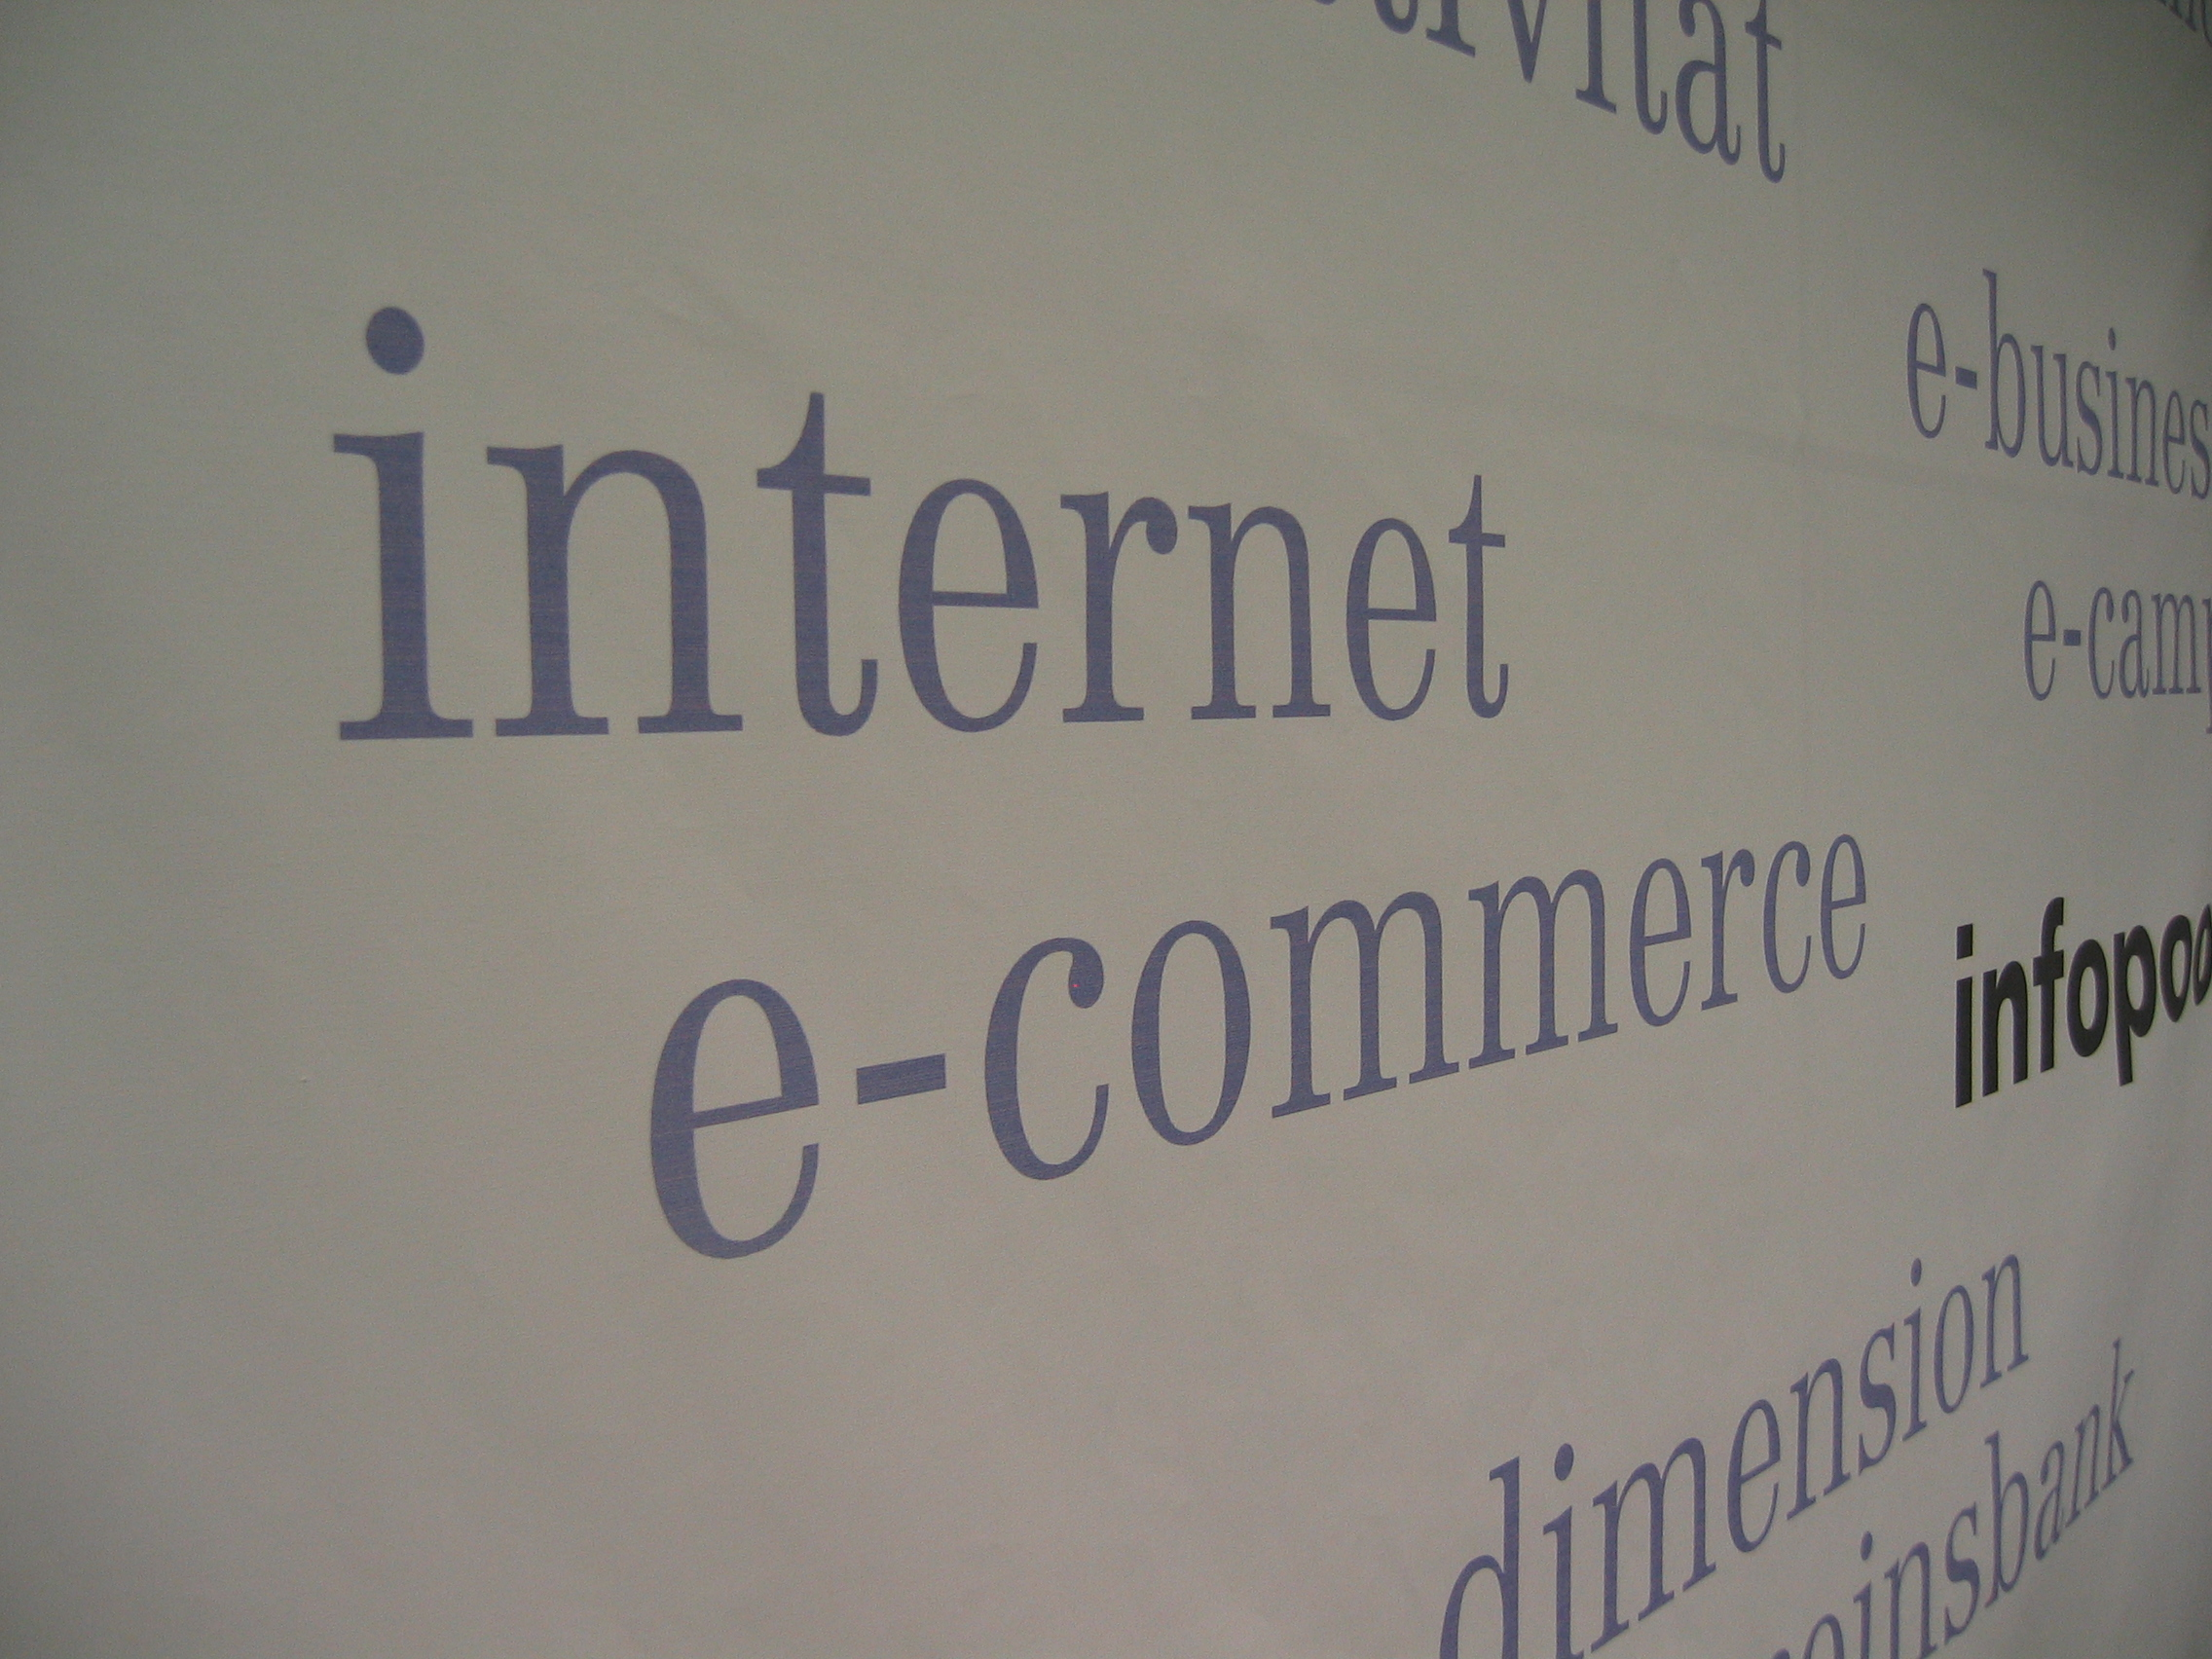 從分工精細的英國電子商務,看未來電商產業的人才需求